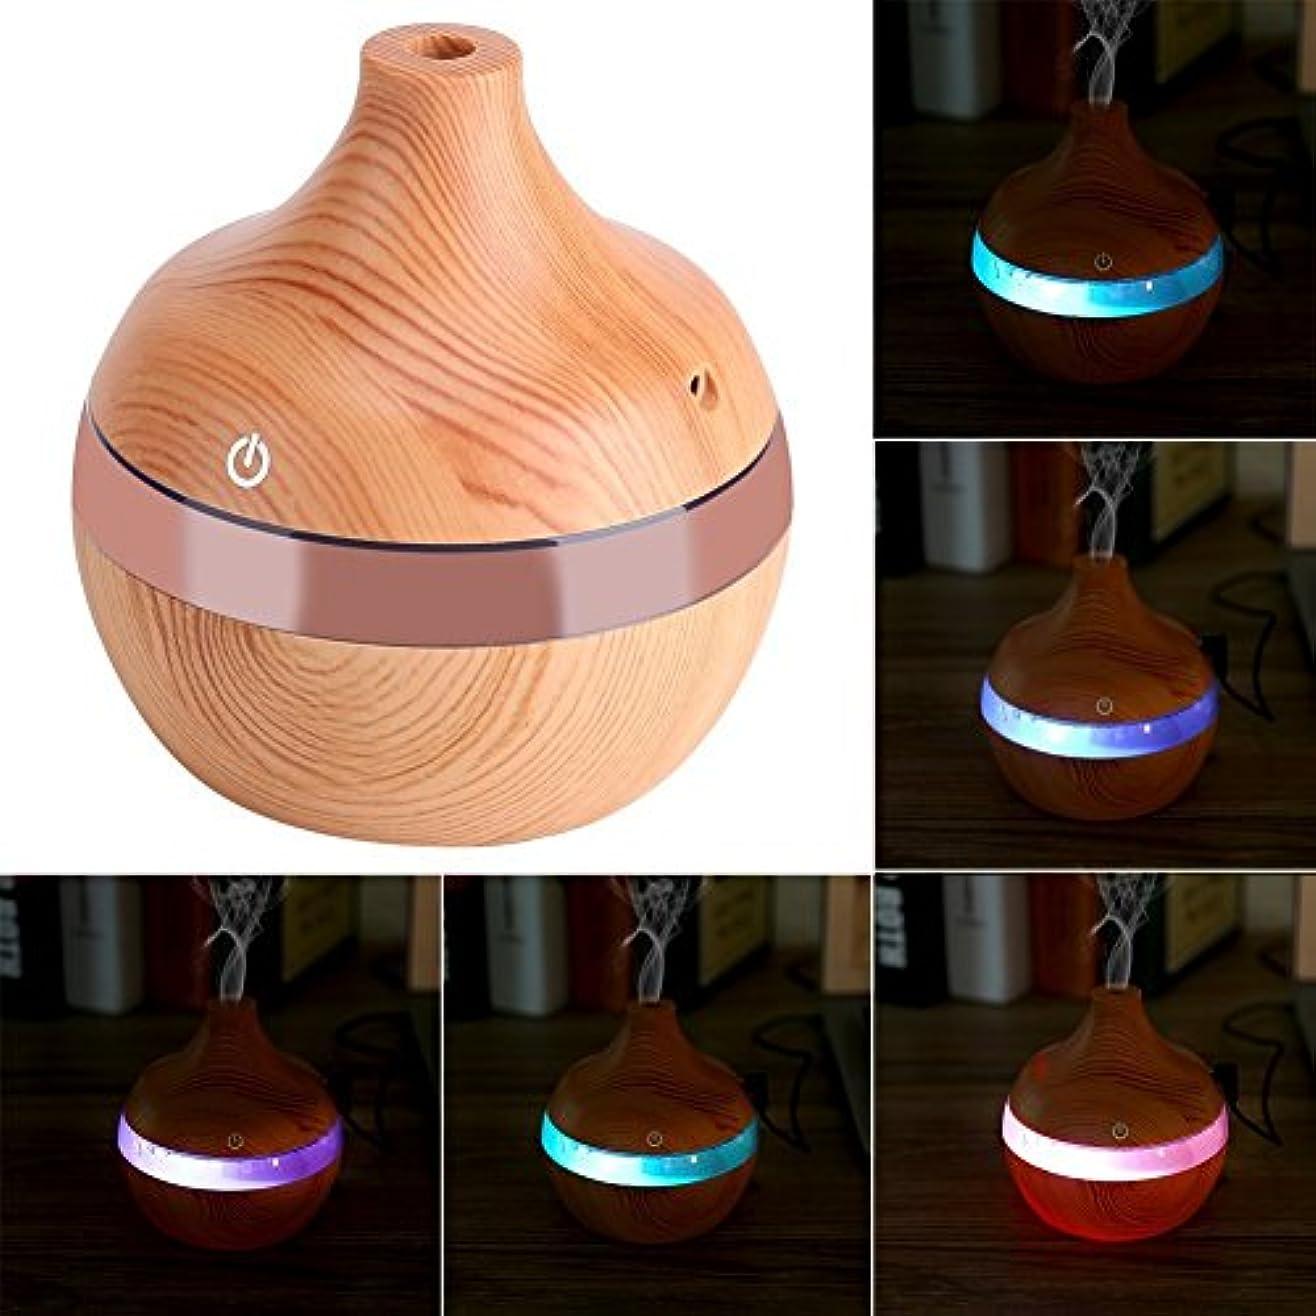 近代化専門用語家族アロマディフューザー - Delaman 卓上加湿器、木目調、7色変換